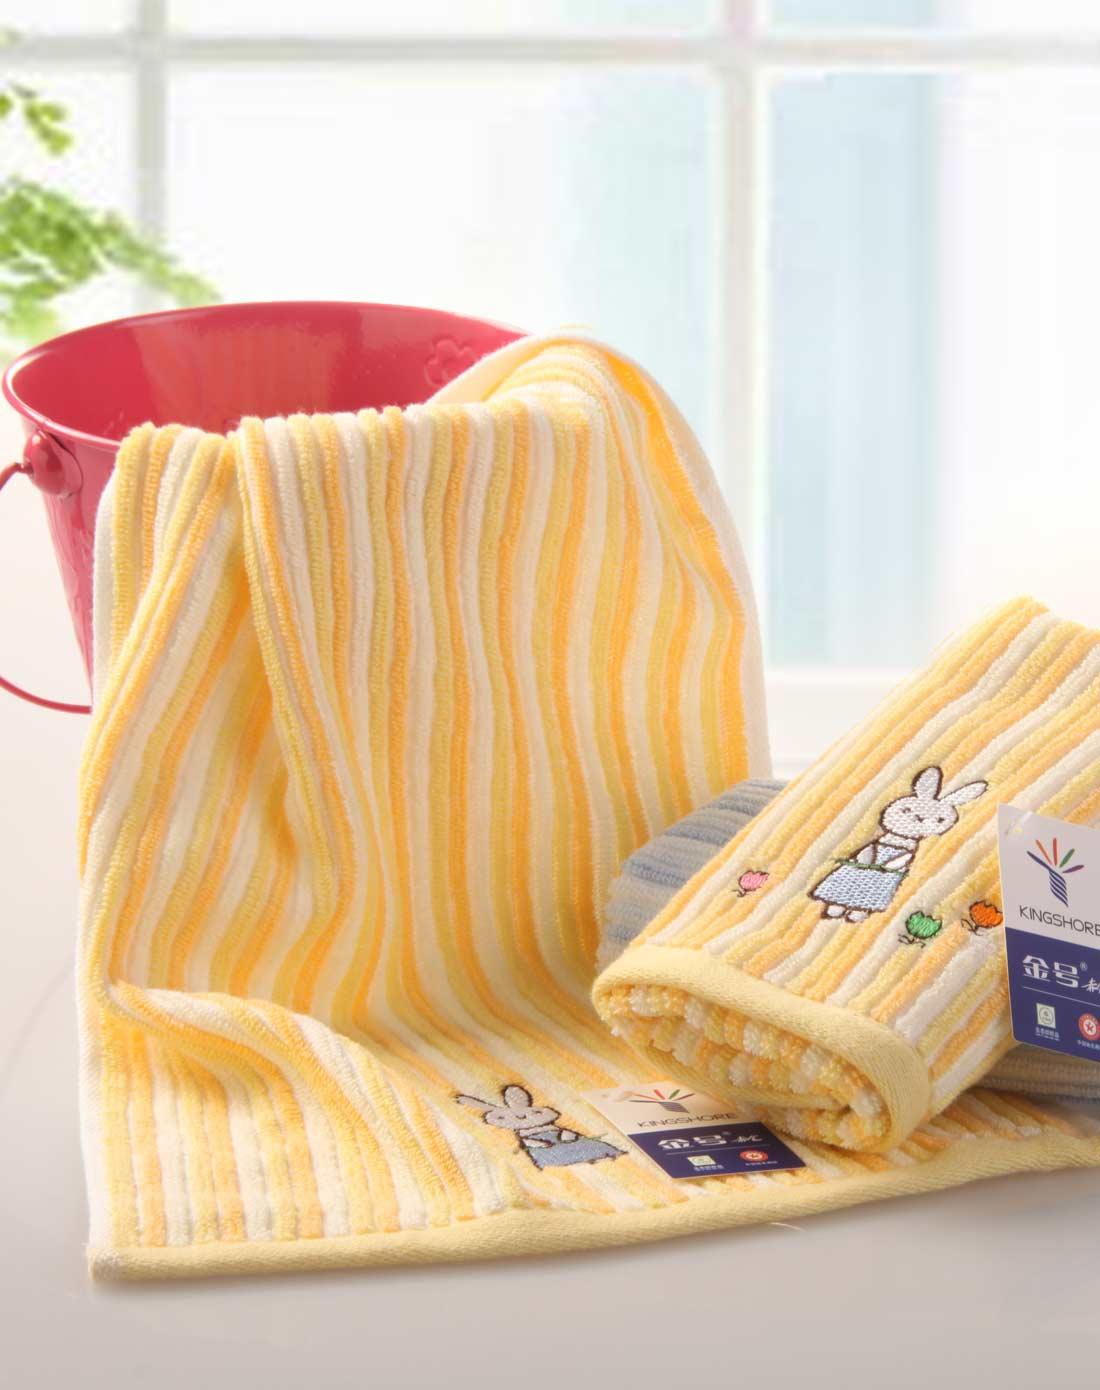 4条装纯棉童巾美容巾卡通绣花可爱小兔子*红,黄,蓝,绿